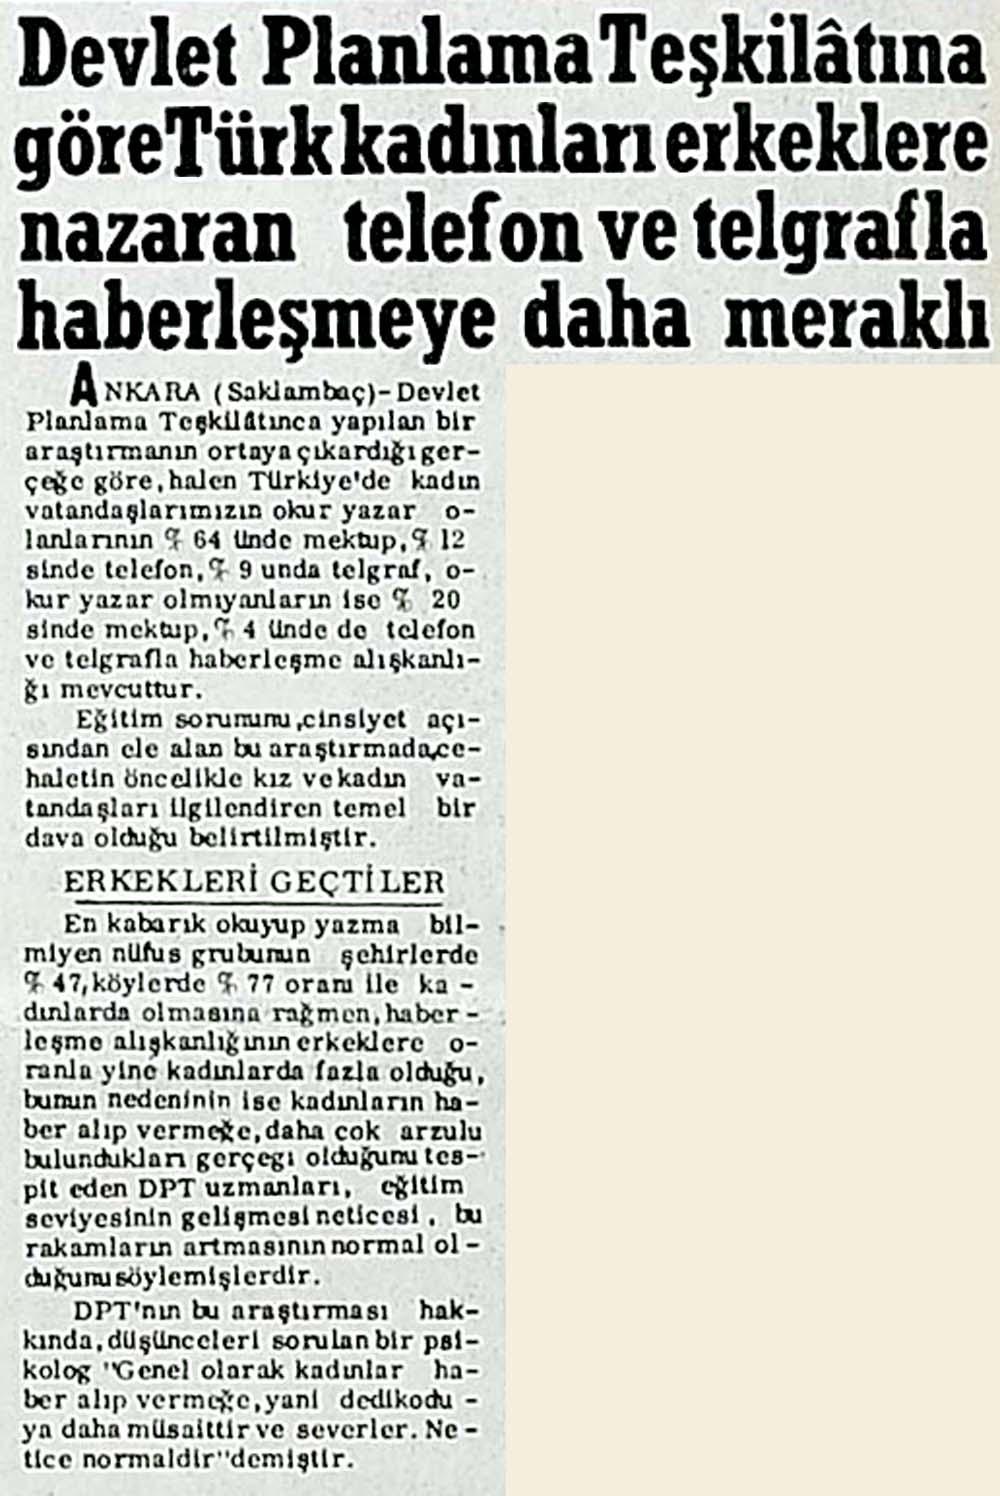 Türk kadınları telefon ve telgrafla haberleşmeye daha meraklı